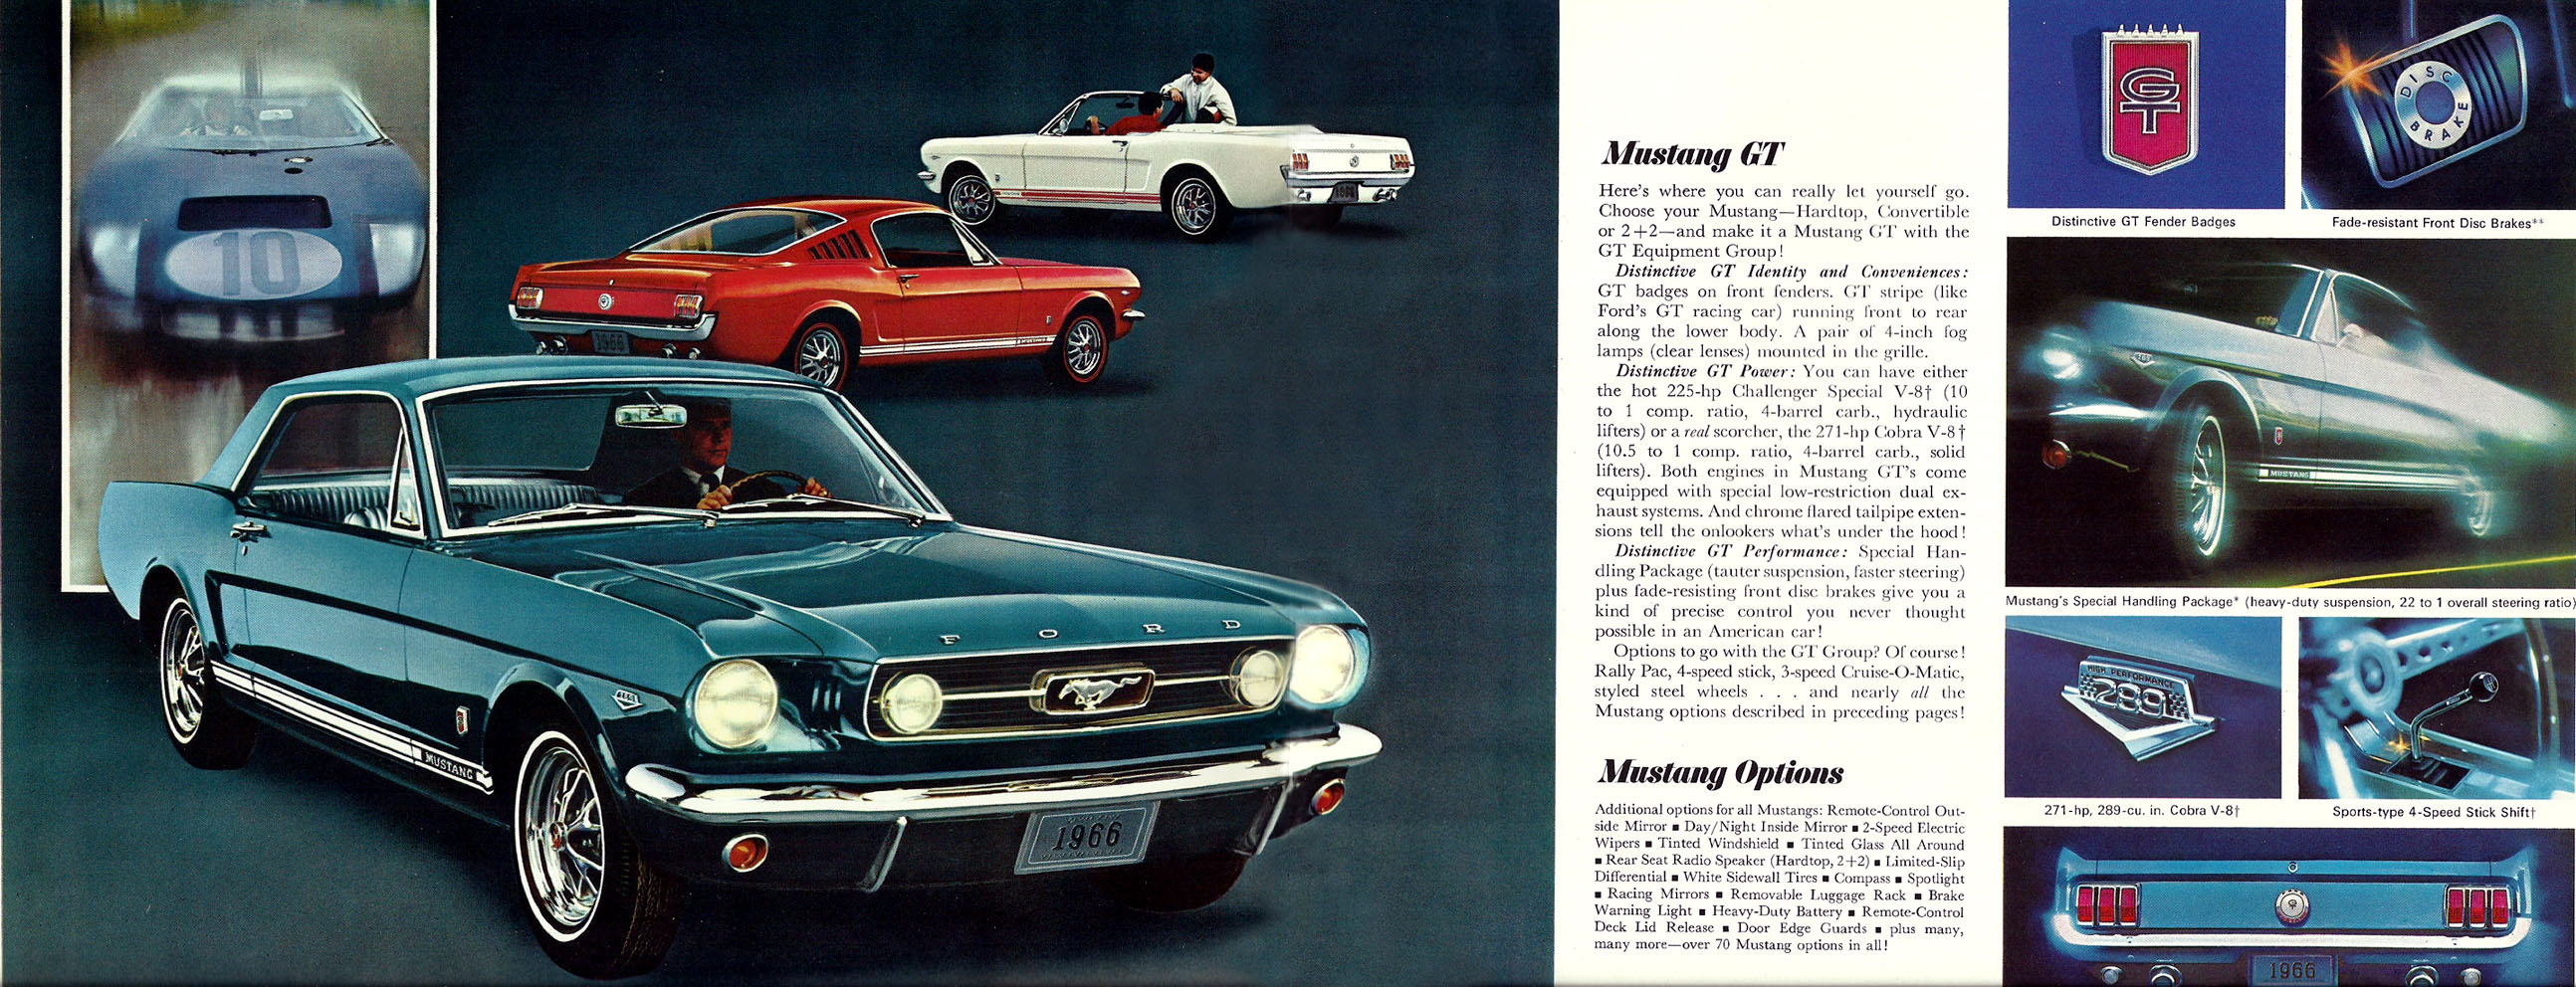 1966 Mustang Prospekt Seite 10-11